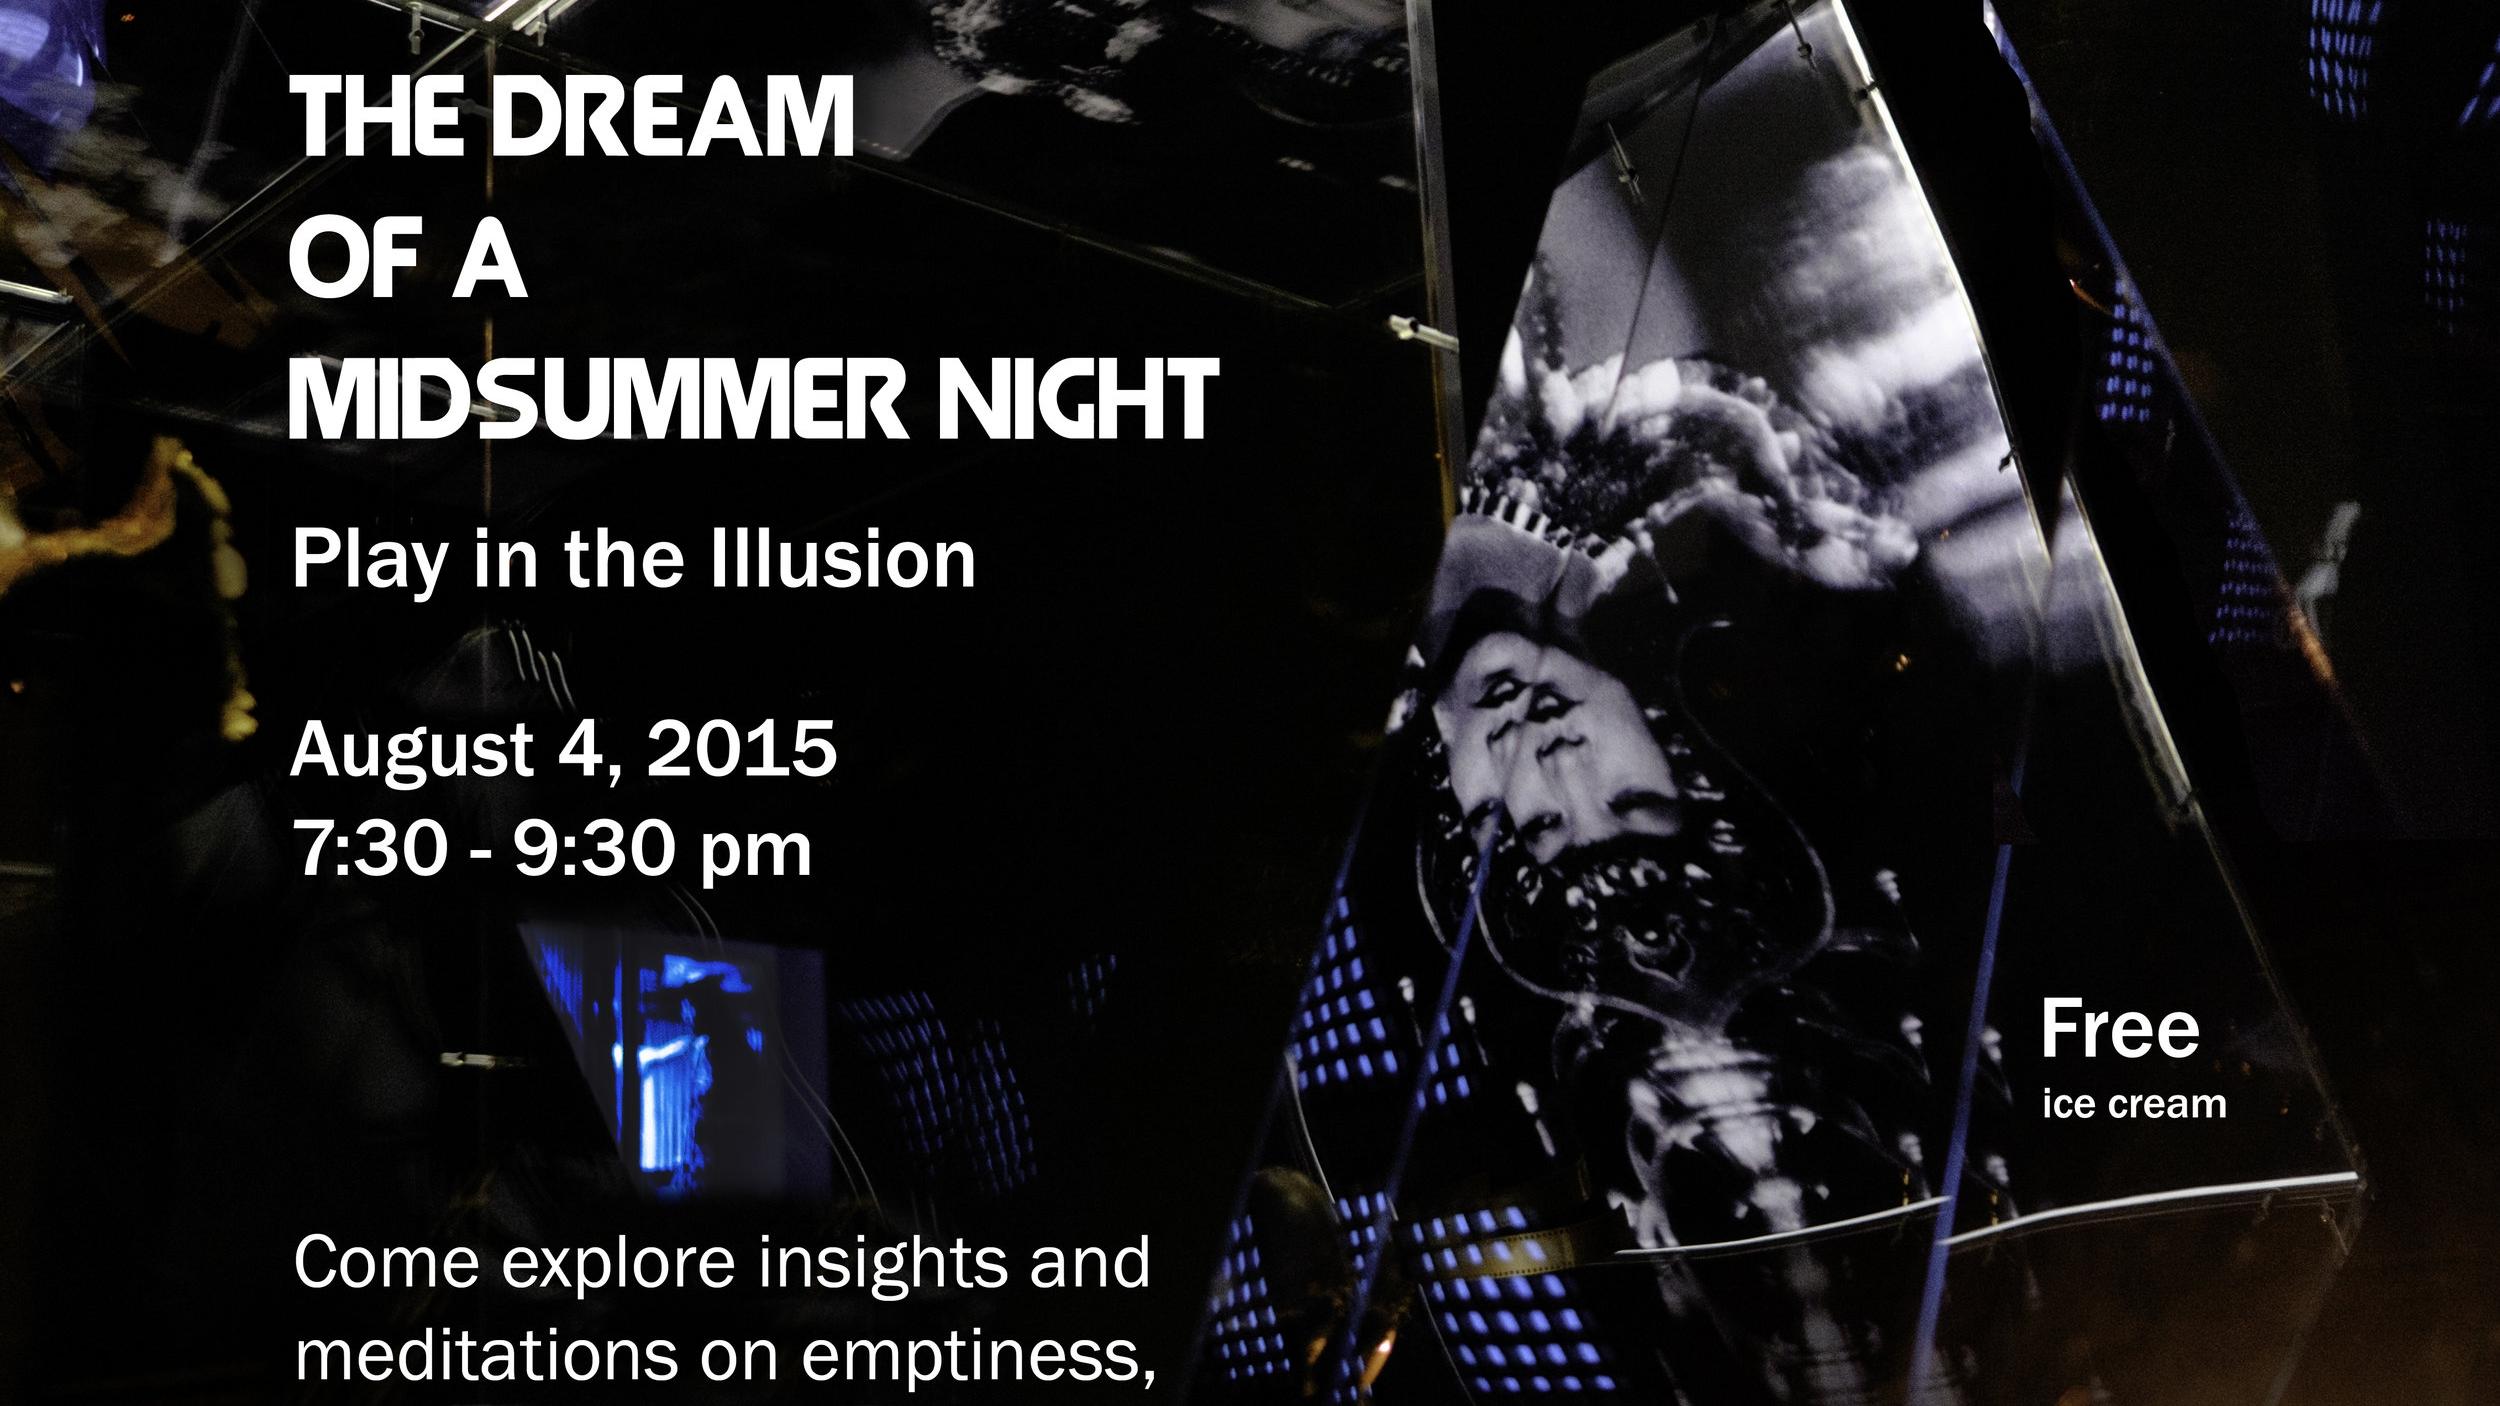 Dream of a Midsummer Night postcard V2.jpg